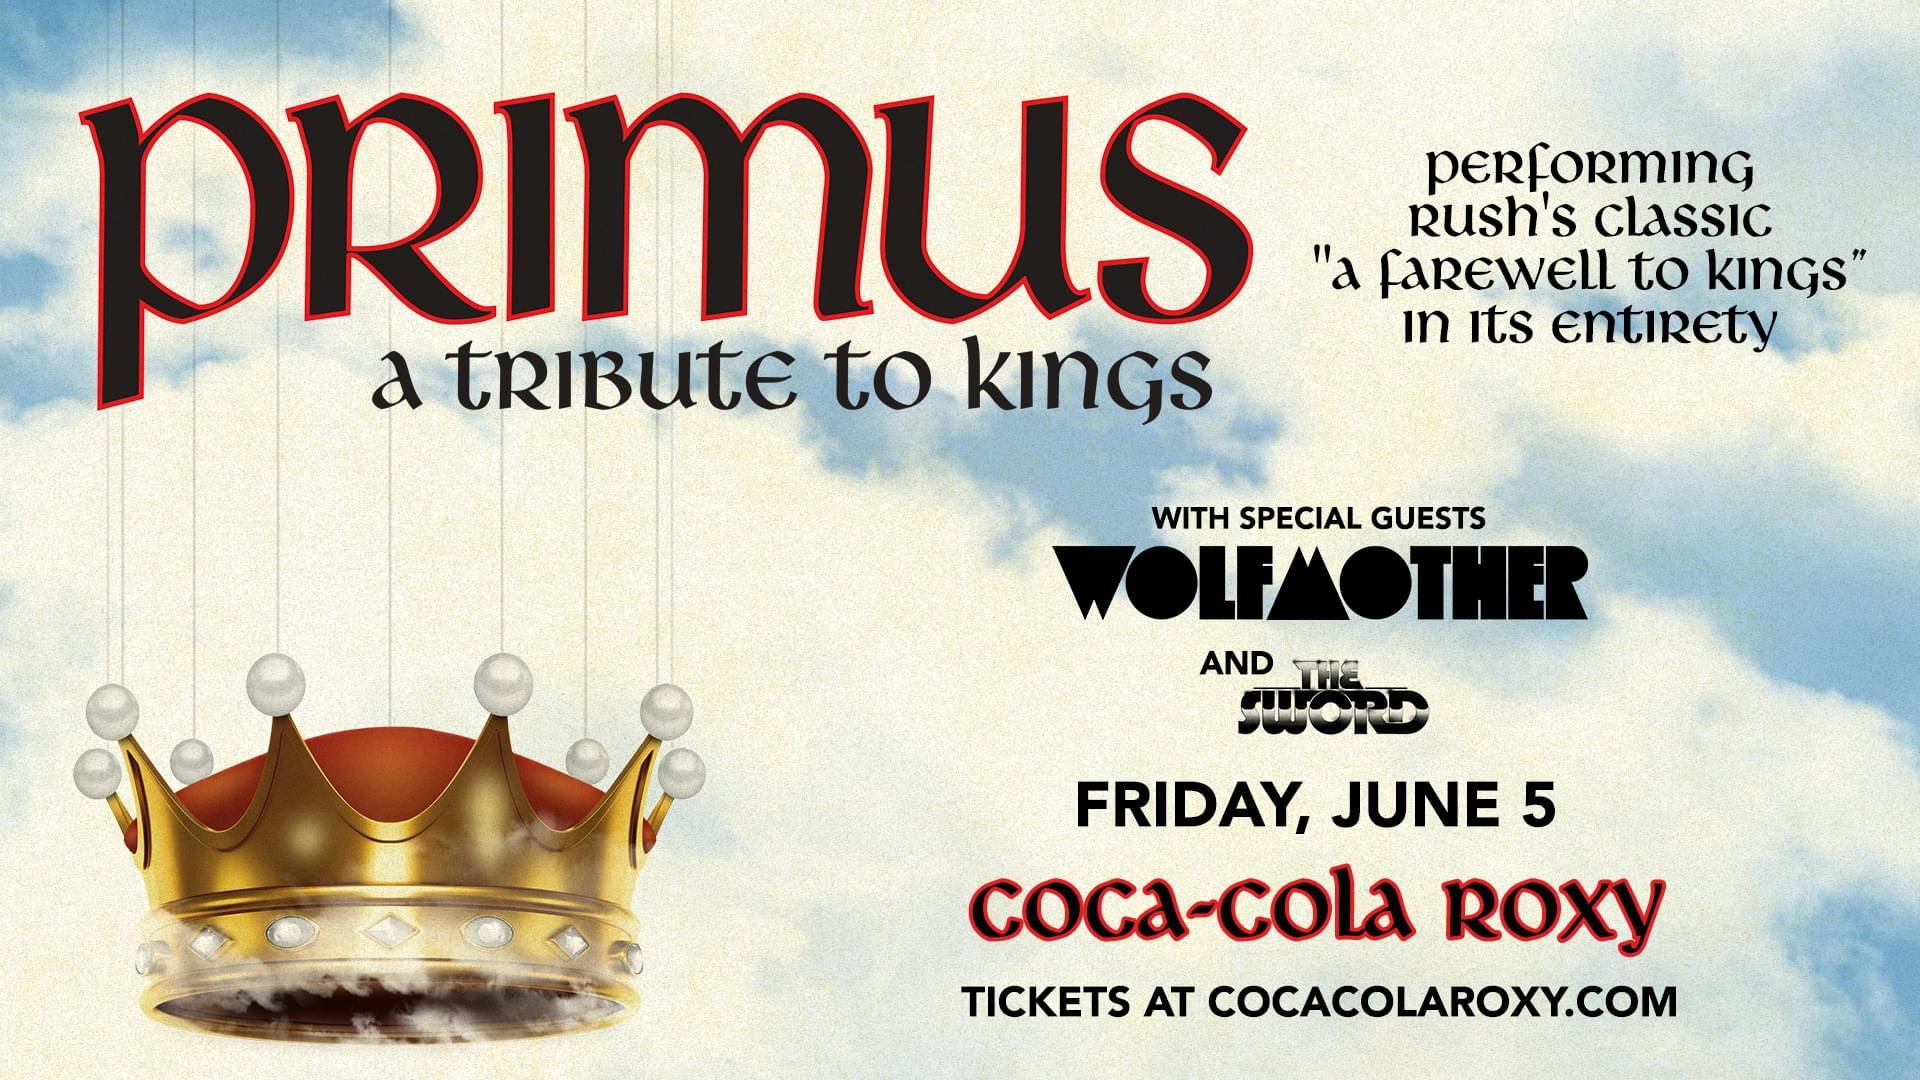 June 5 – Primus